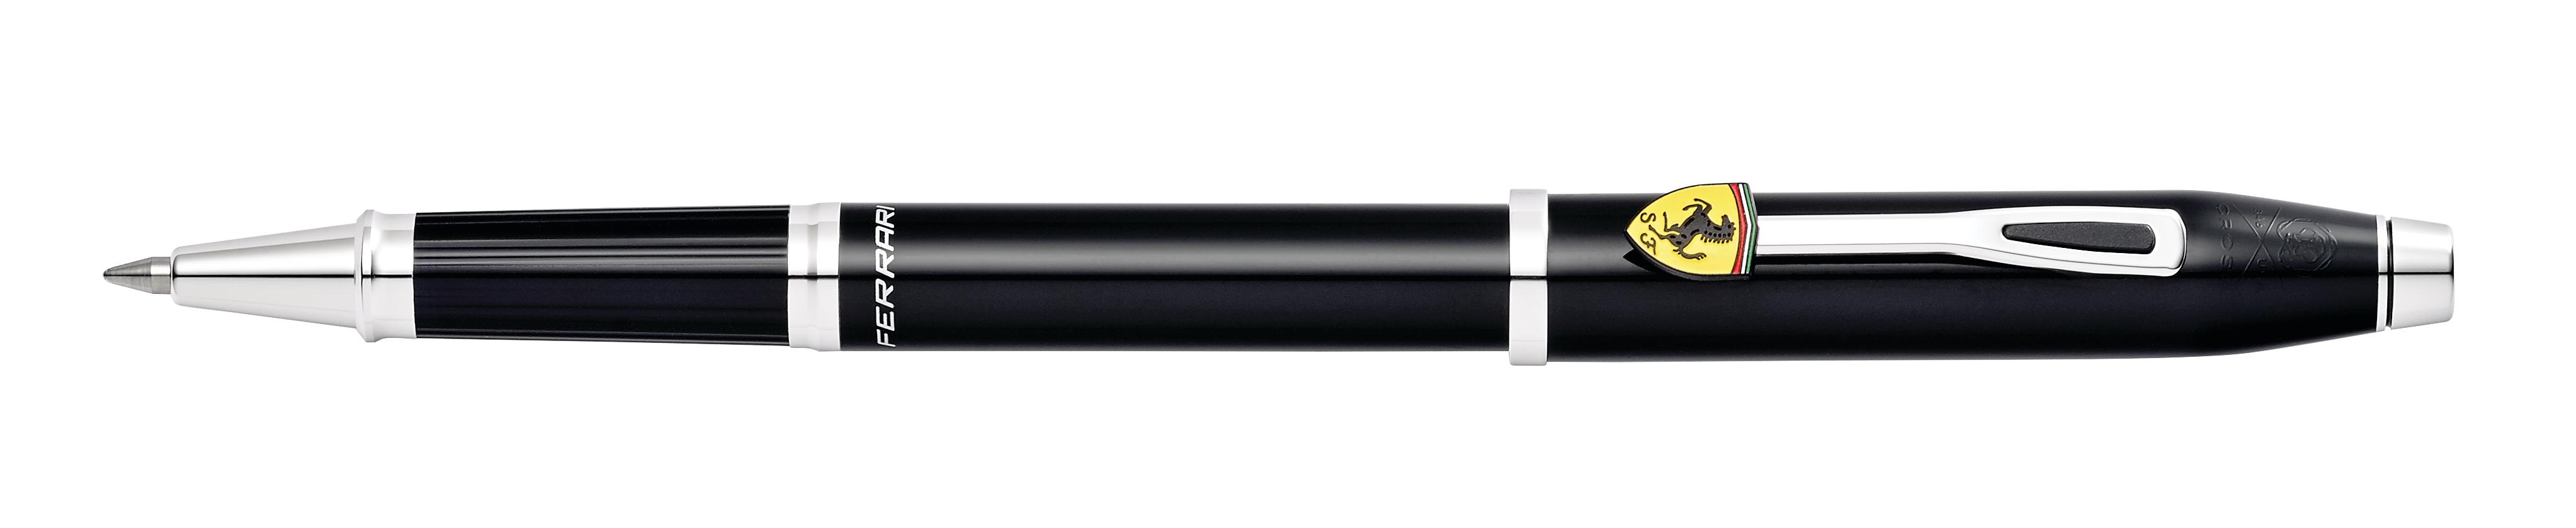 Cross Century II Collection for Scuderia Ferrari Glossy Black Lacquer Rollerball Pen